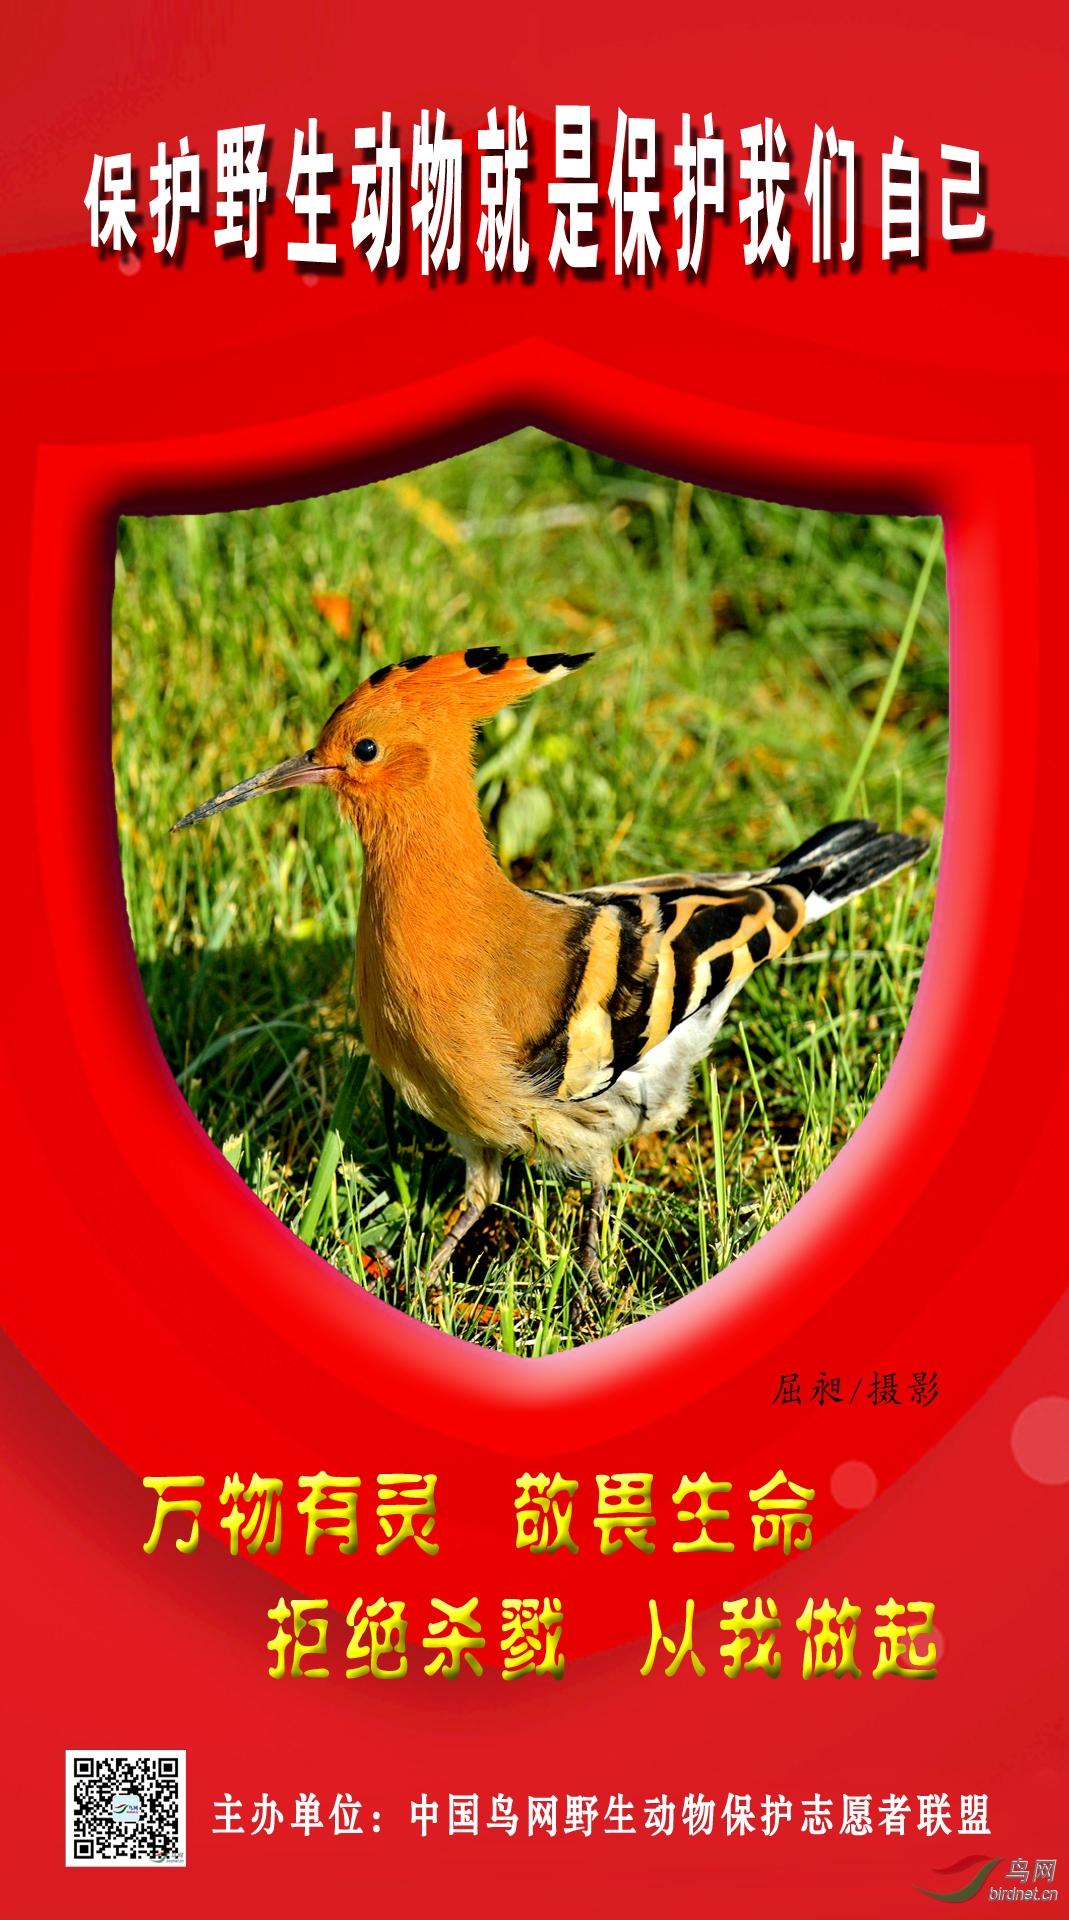 宣传海报--屈昶(网名:等你)--13993637930 (4).jpg